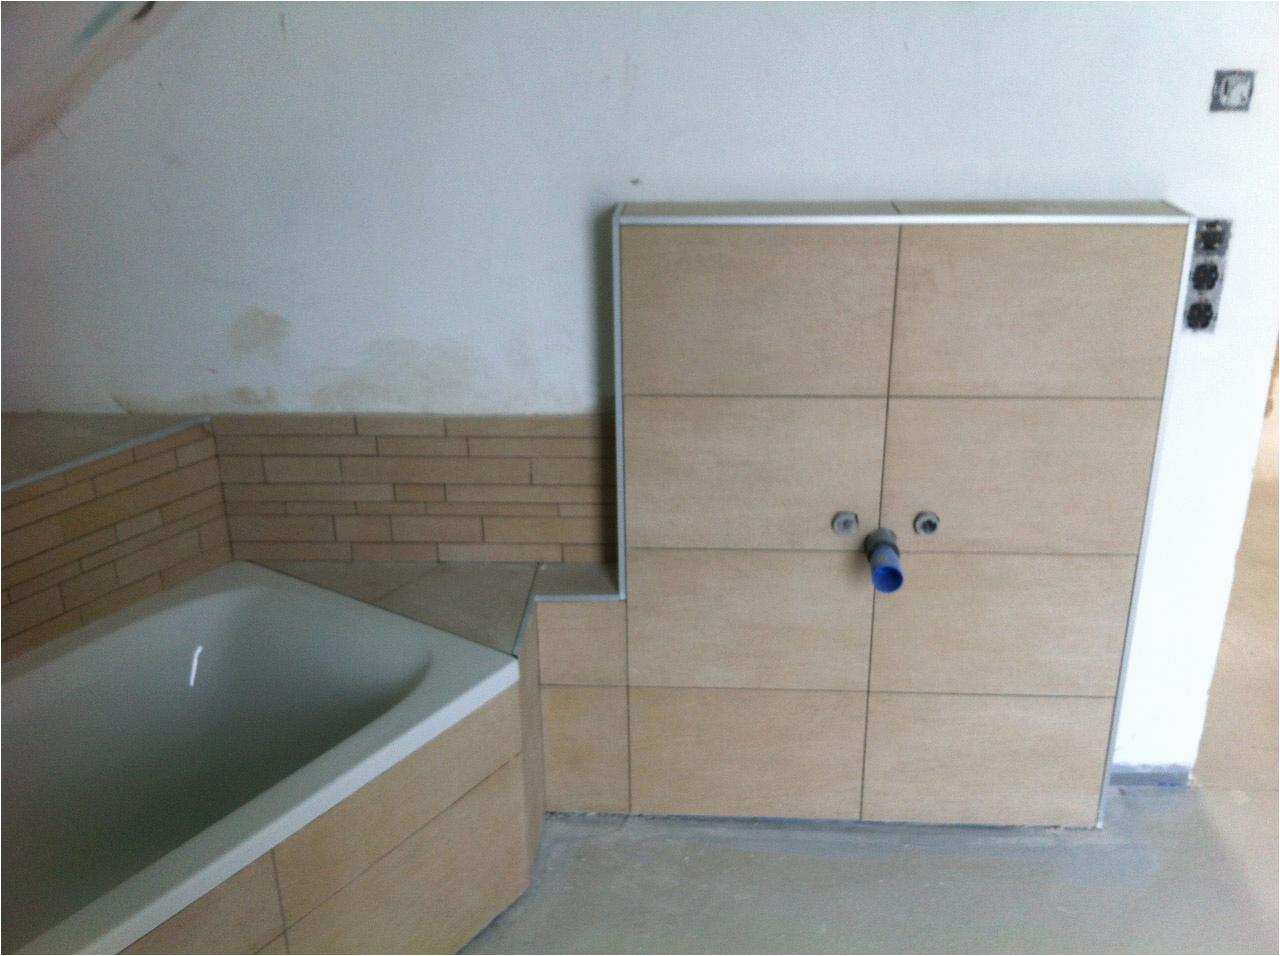 kuchenspiegel fliesen awesome 50 schone badezimmer fliesen mit vinyl fliesen fur von kuchenspiegel fliesen